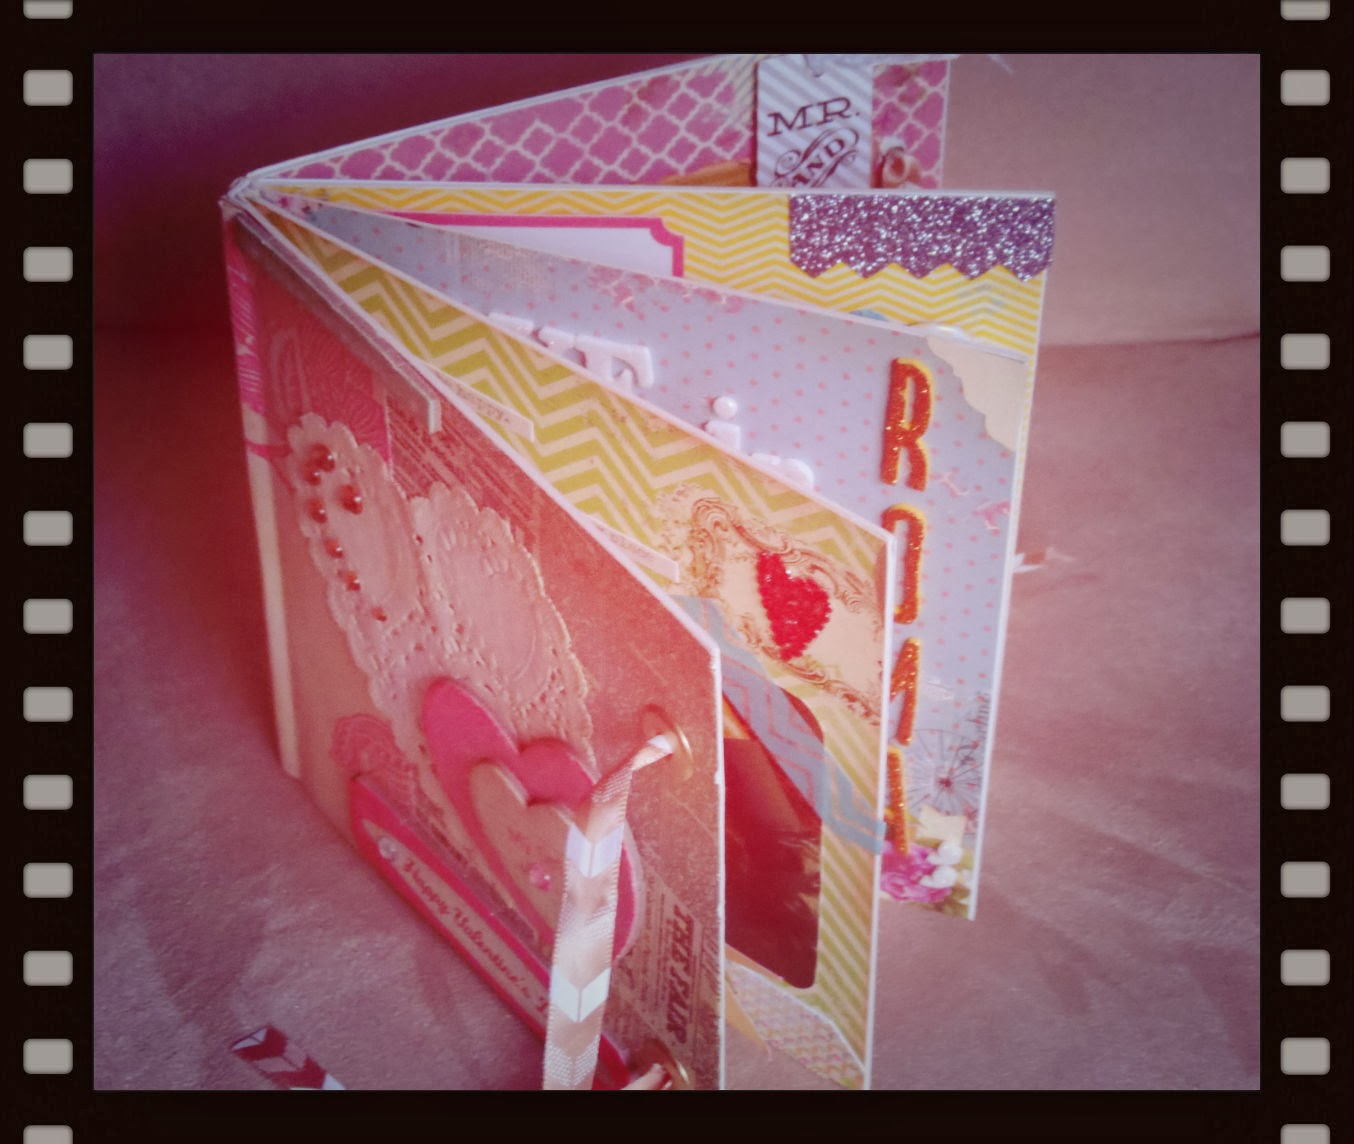 A qu huele el scrap mini album para san valentin - Album para san valentin ...